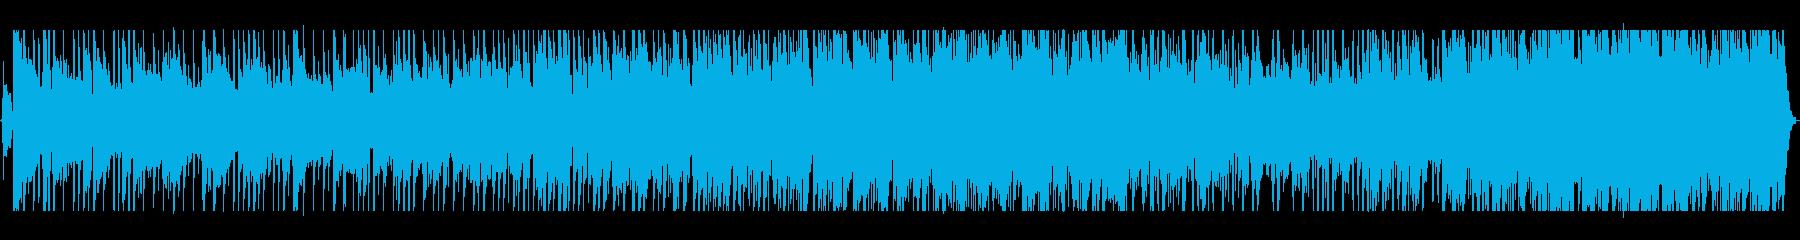 新しいナッシュビルスタイルのエレク...の再生済みの波形